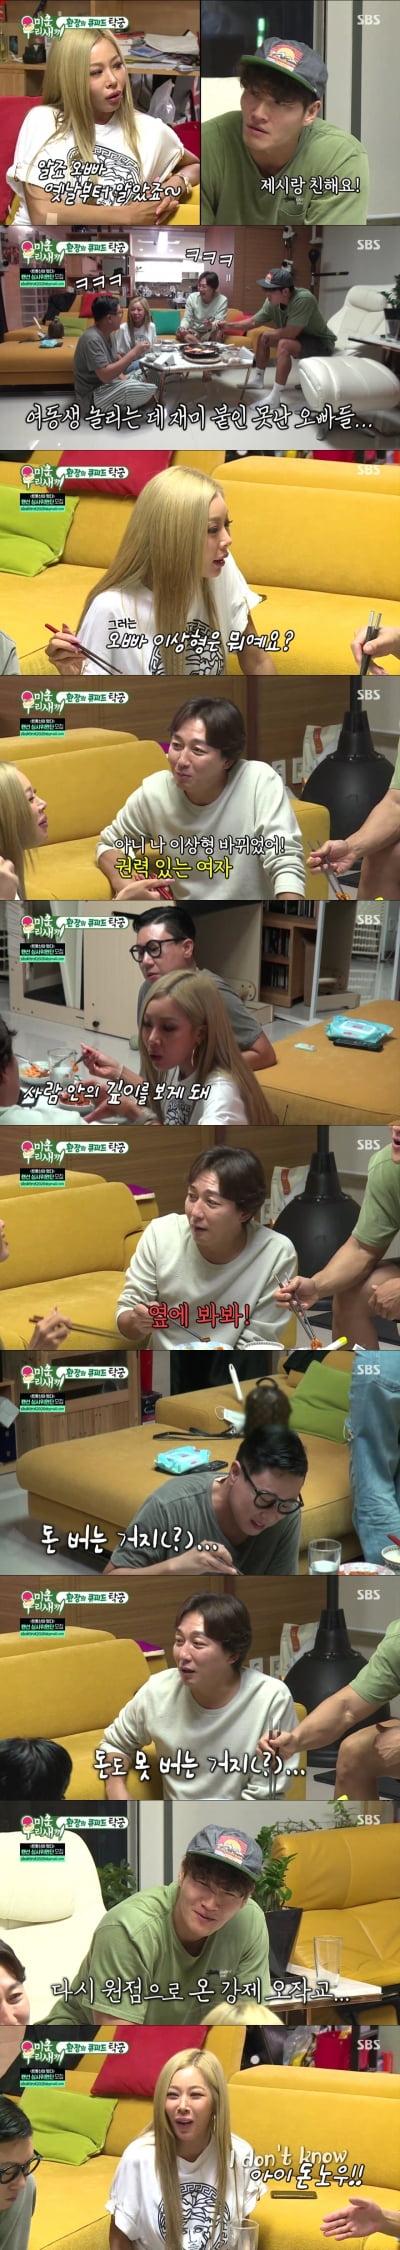 제시♥김종국, 핑크빛 기류? 탁궁 오작교